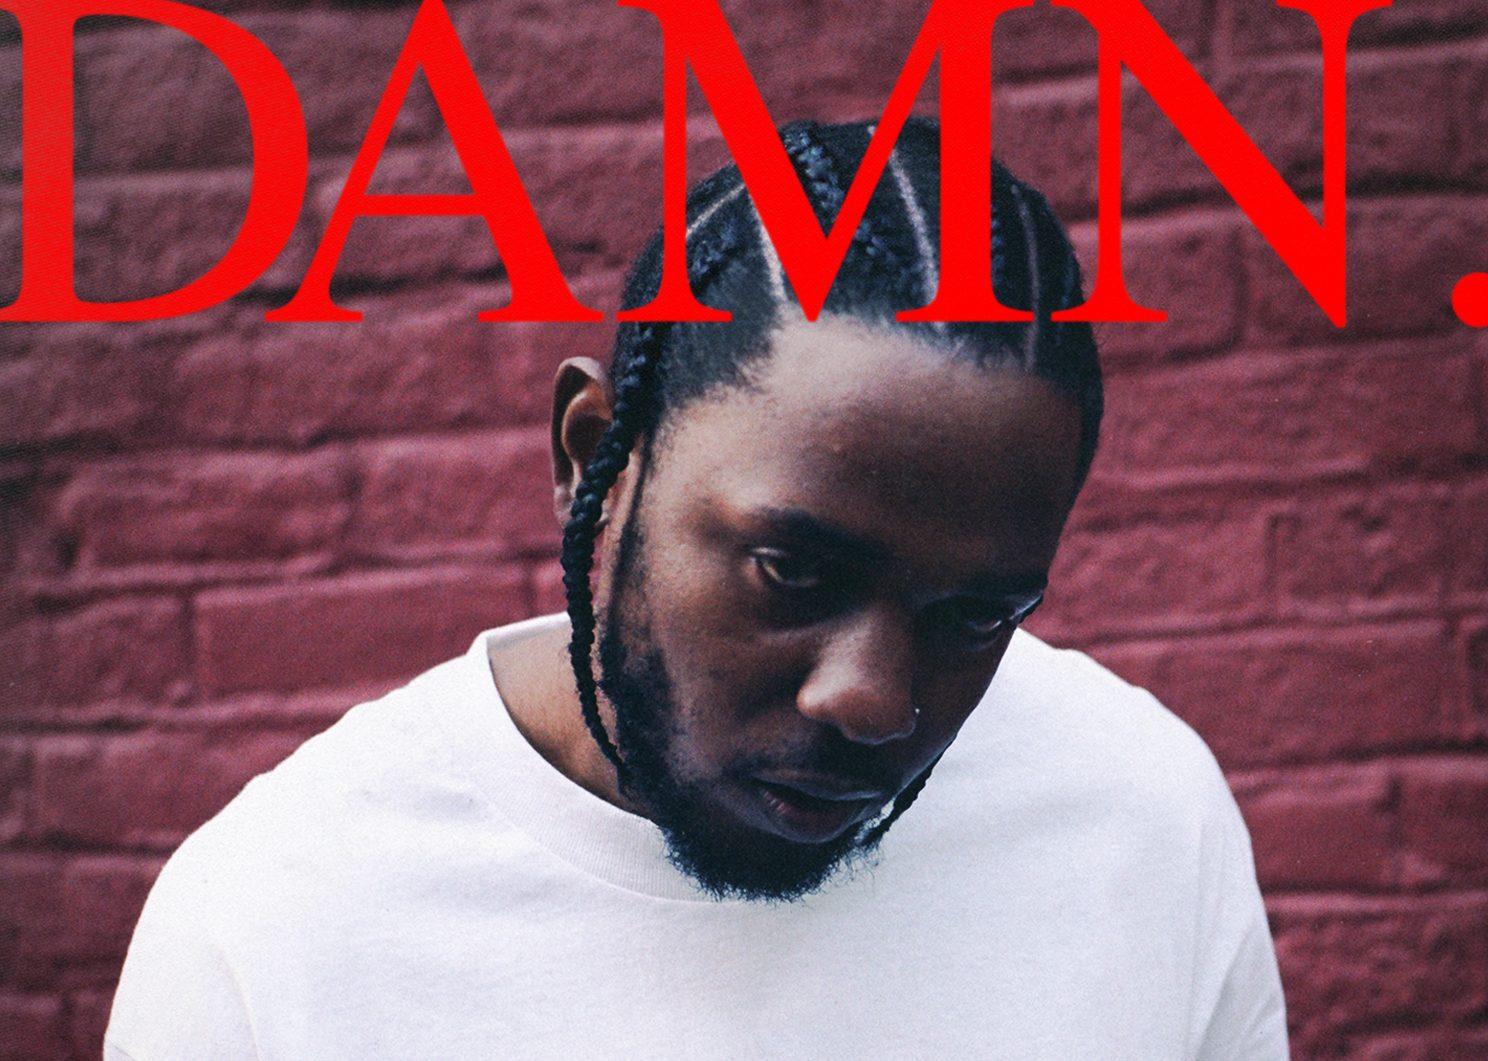 美國饒舌歌手肯德里克拉馬爾(kendrick lamar)因專輯《DAMN》獲普立茲音樂獎。(美聯社)